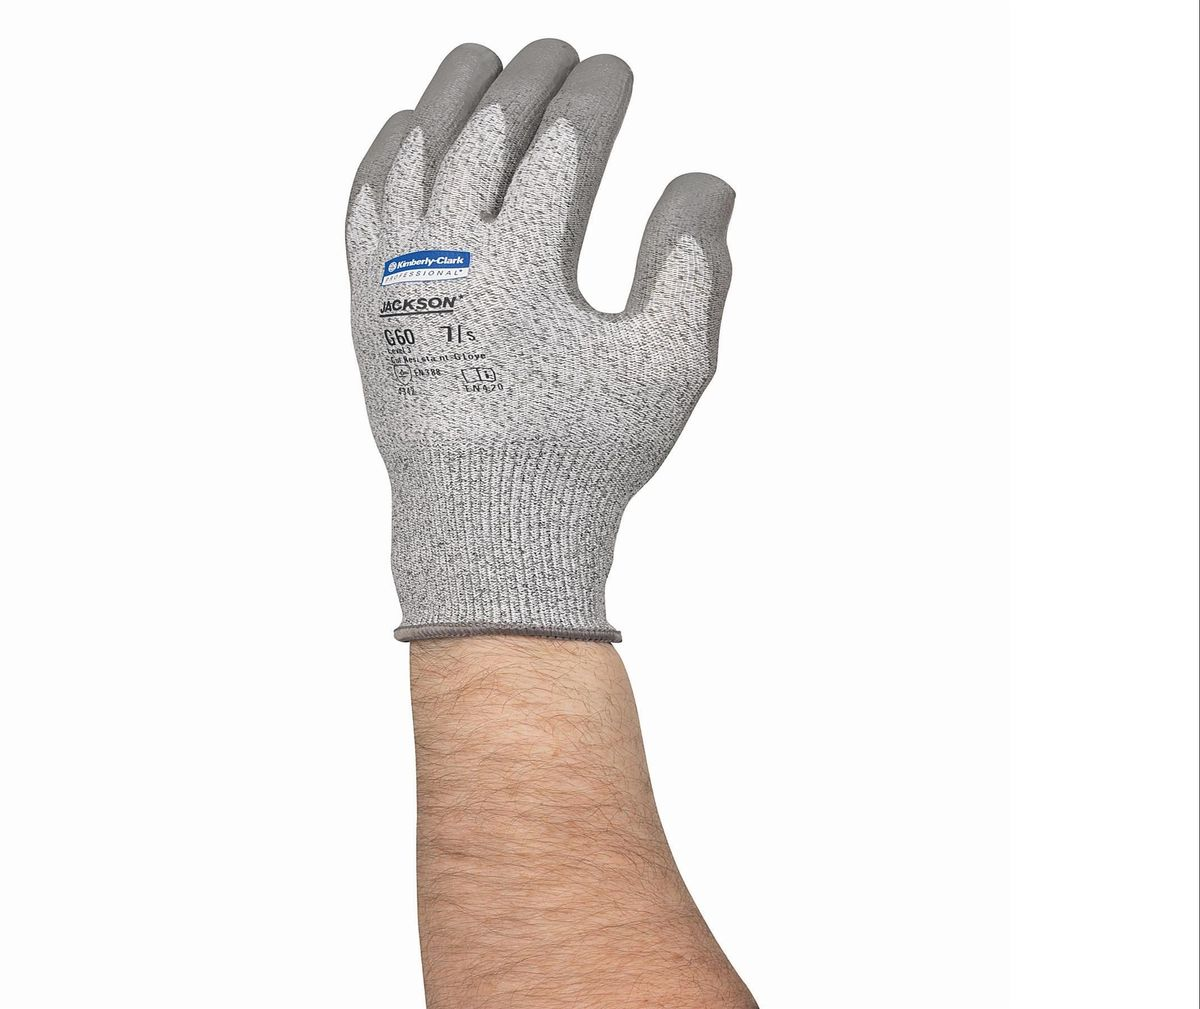 Перчатки хозяйственные Jackson Safety G60, размер 9 (L), стойкость 3, цвет: серый, 12 пар21395599Ассортимент экономичных и долговечных защитных перчаток и нарукавников для условий работы, при которых существует риск порезов или защемления рук и предплечий работника. Идеальное решение для работ с острыми краями, участков металлообработки, работ со стеклом или картоном, а также сборочных операций в автомобилестроении; СИЗ категории II (CE Intermediate), 3-й уровень защиты от порезов и высокий уровень стойкости к истиранию (4 - EN 388); превосходная защита от порезов и защемлений благодаря использованию патентованного материала Dyneema® со стальной нитью; соответствуют нормам EN420 по минимальной длине манжеты для защиты запястья; отличная воздухопроницаемость и отвод тепла.Формат поставки: пара не содержащих латекс перчаток; индивидуальный дизайн для левой и правой руки; возможность стирки, пять размеров с цветовой кодировкой манжет.Размер:13823 - S (7)13824 - M (8)13825 - L (9)13826 - XL (10)13827 - XXL (11)